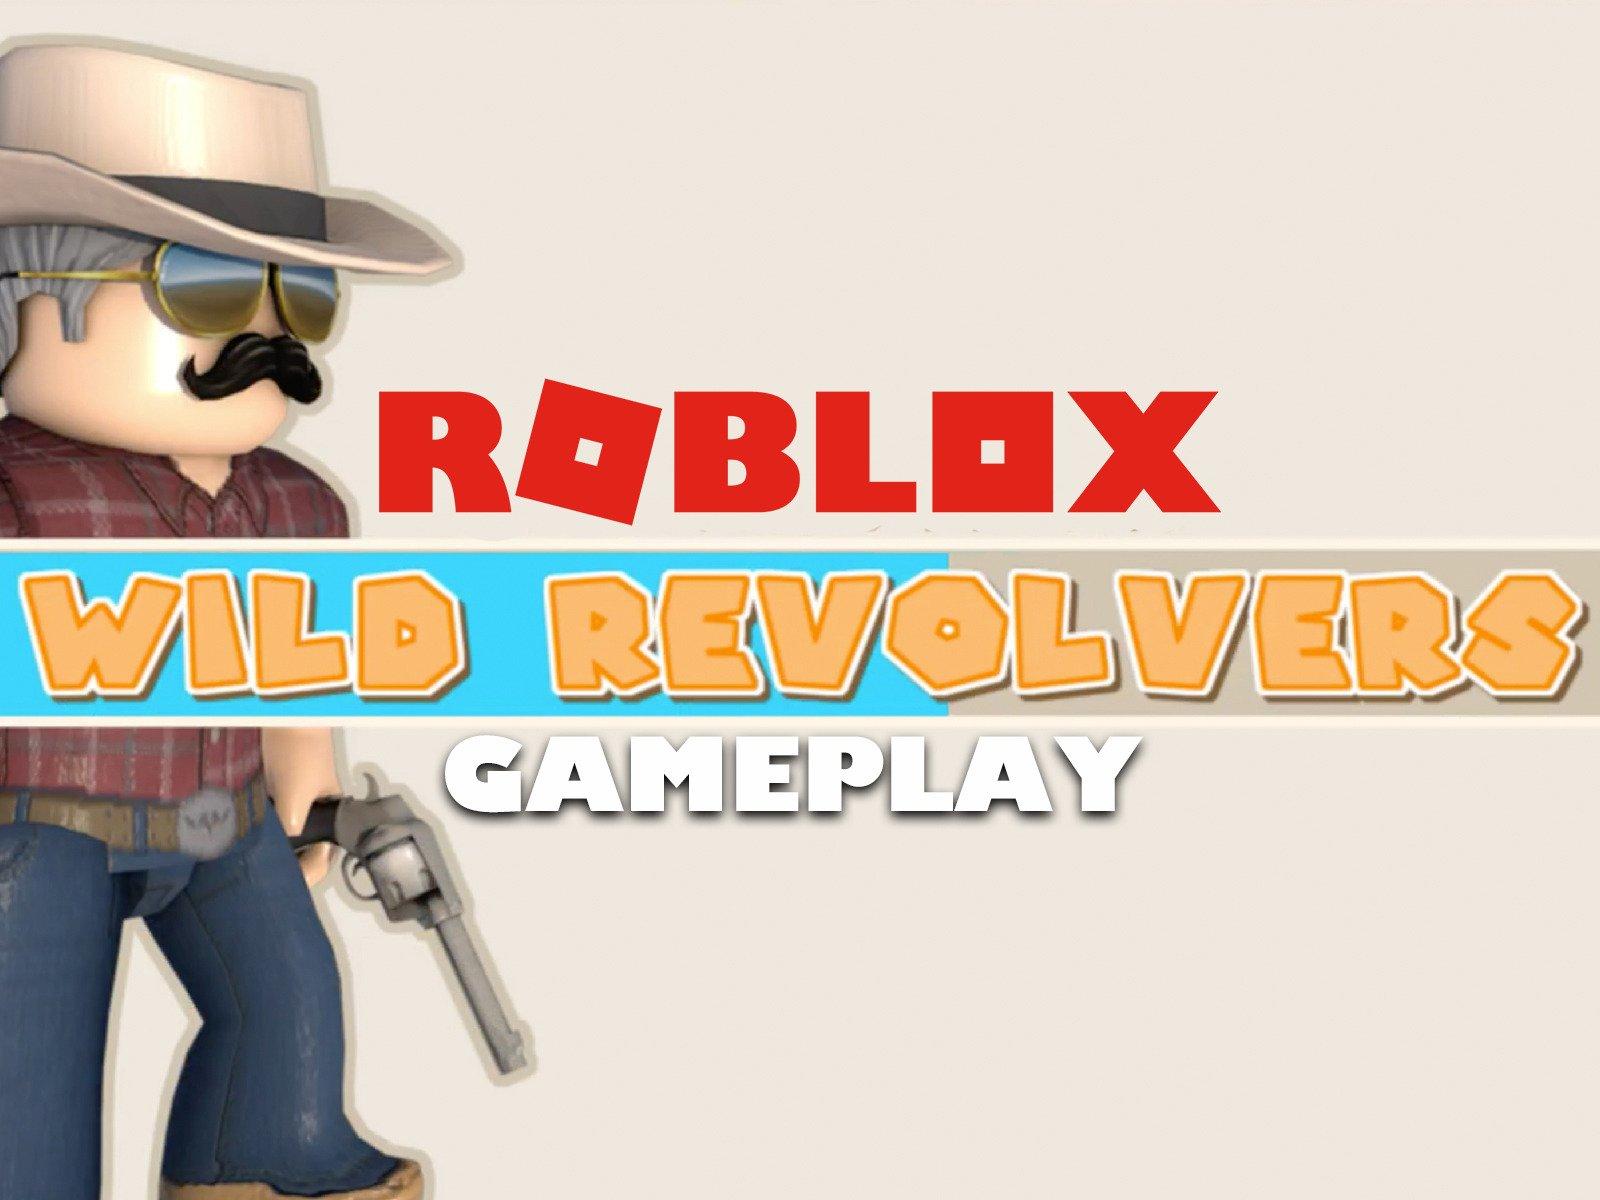 Codes For Roblox Wild Revolver - All Roblox Promo Codes ...